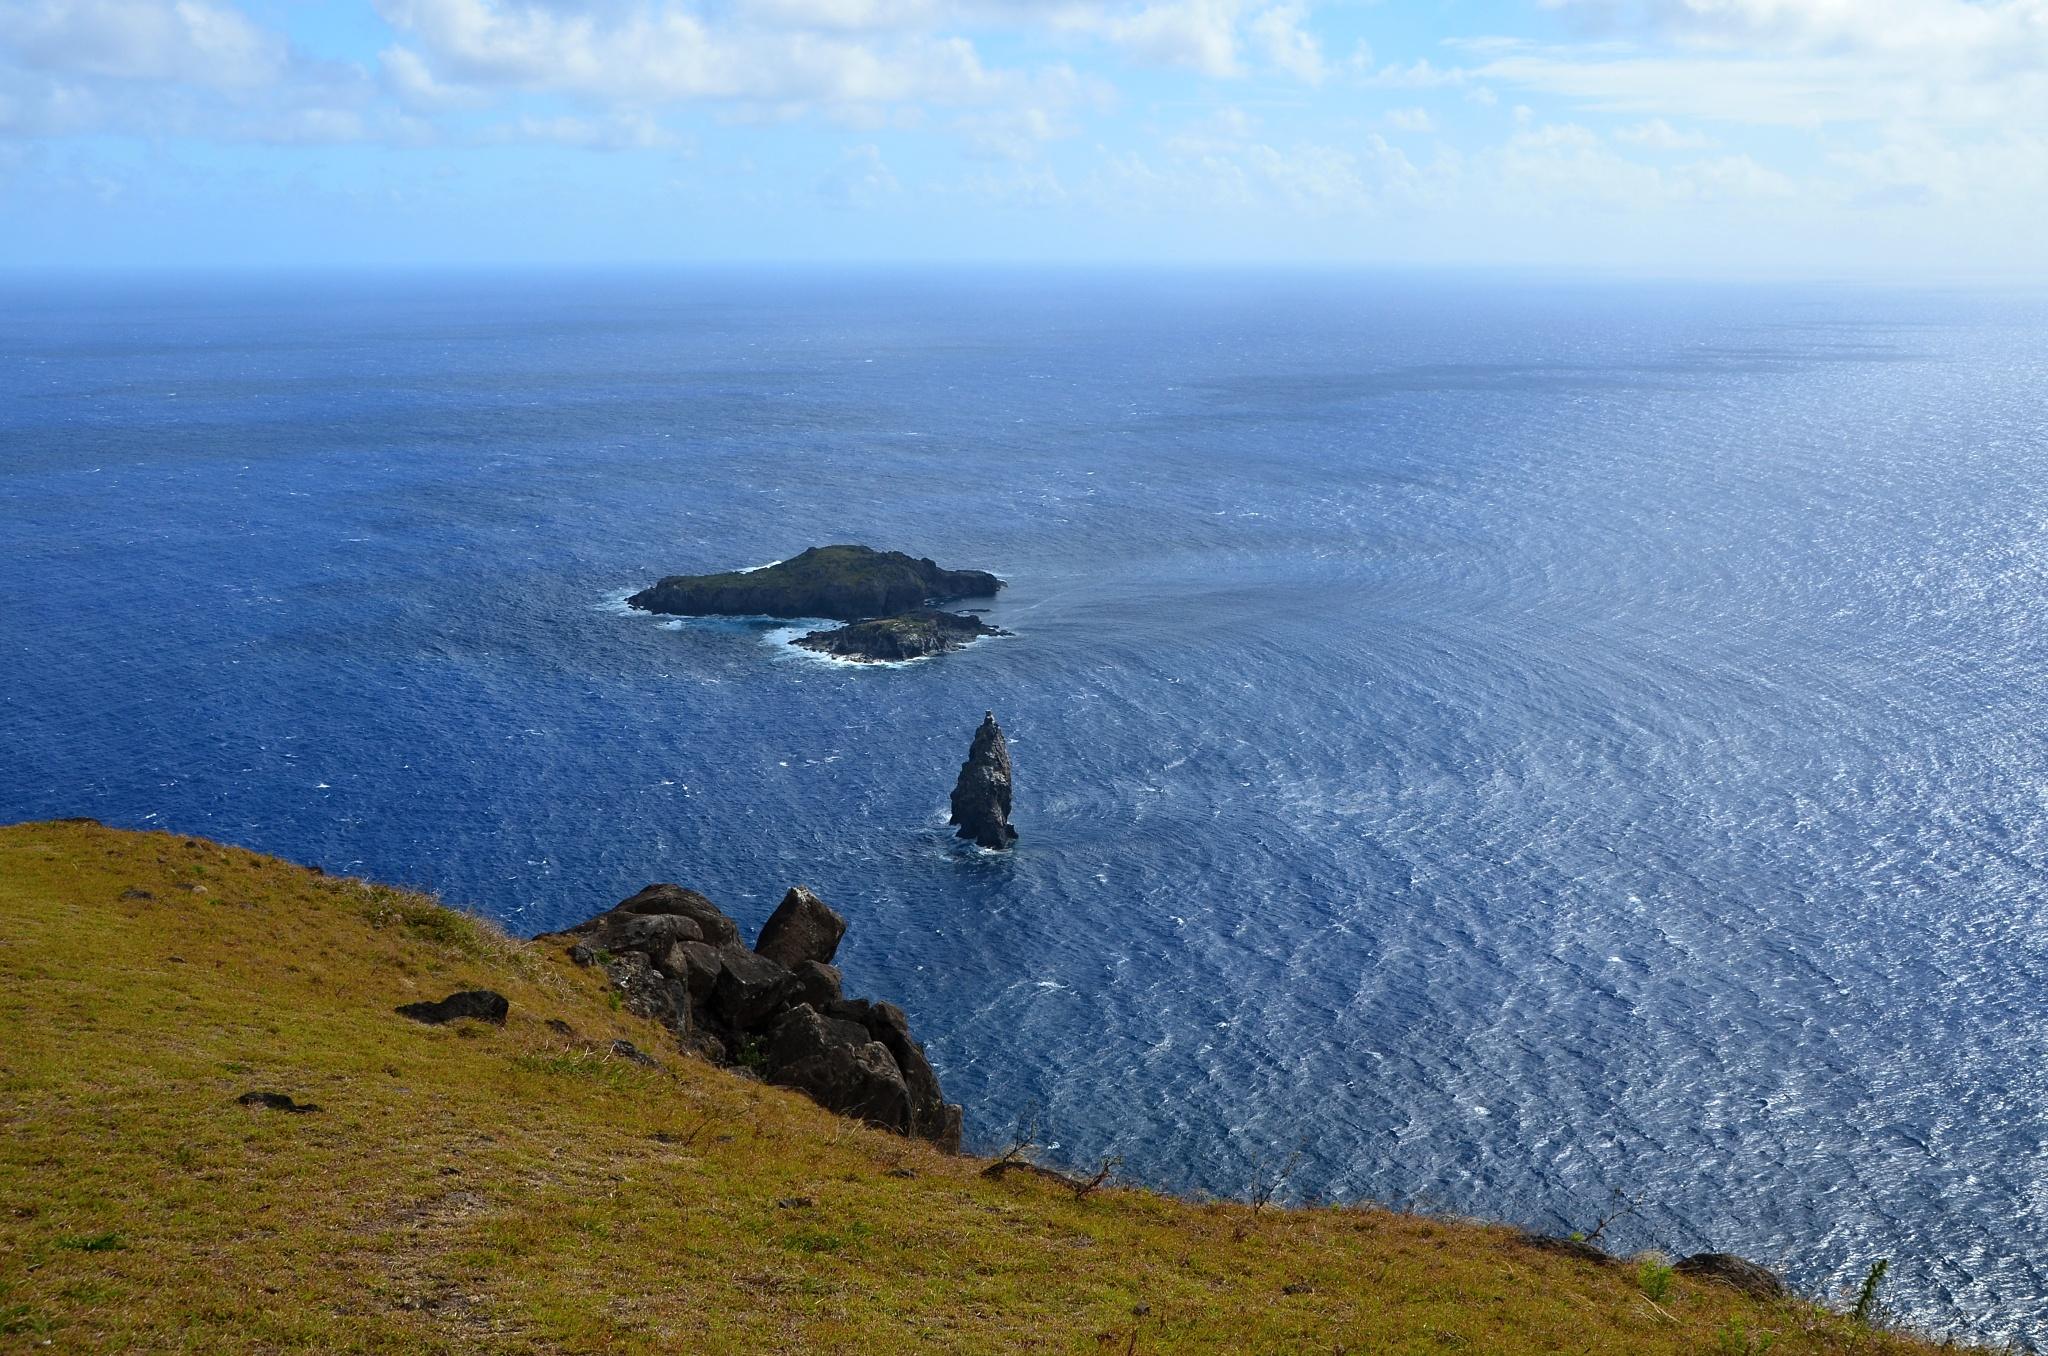 Malé ostrůvky Motu Nui (vzadu), Motu Iti a Motu Kau Kau